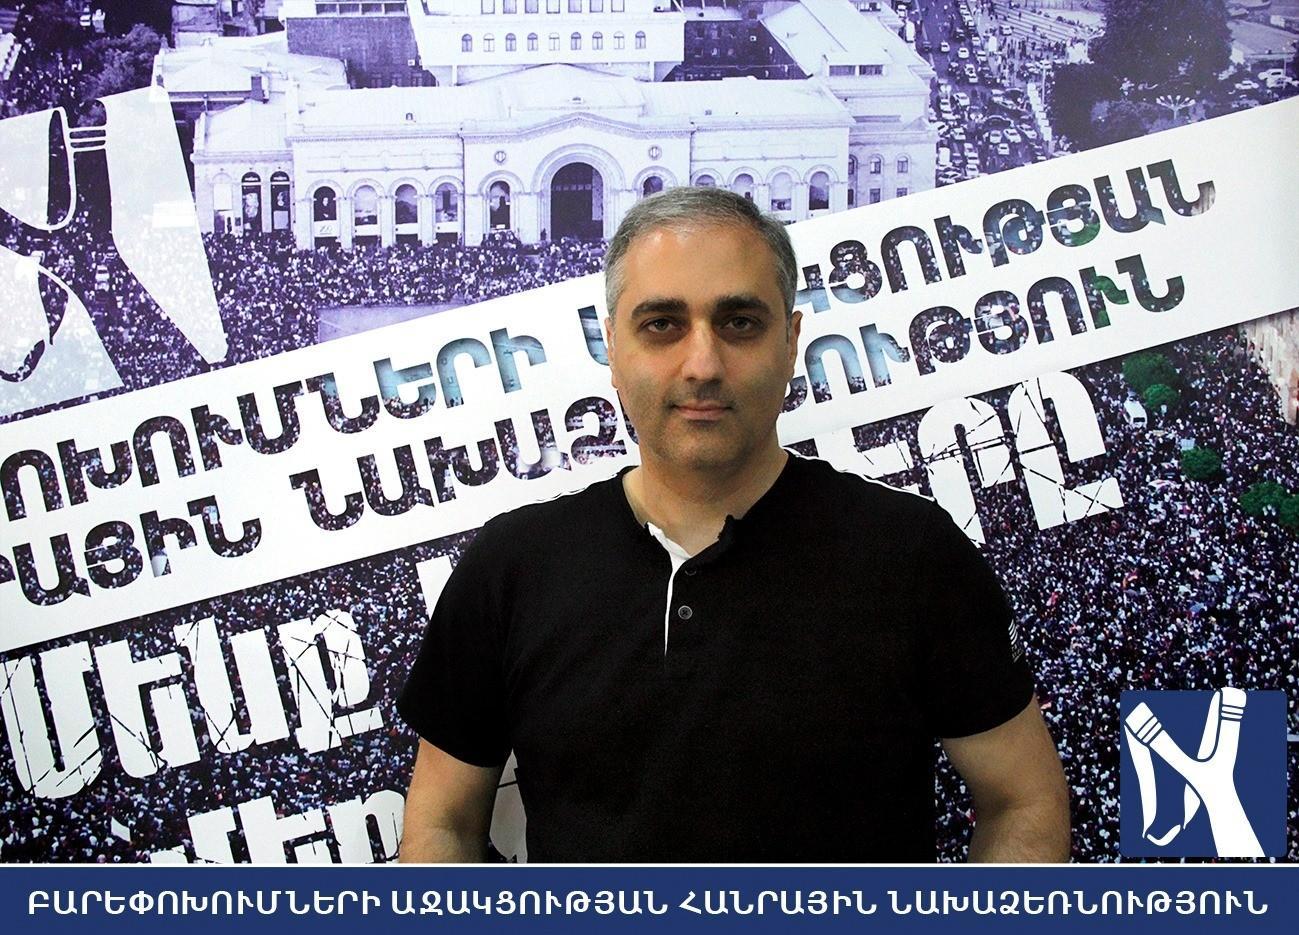 Հայկ Մարտիրոսյան. Պետք է Արցախը հայտարարել ՀՀ տարածք